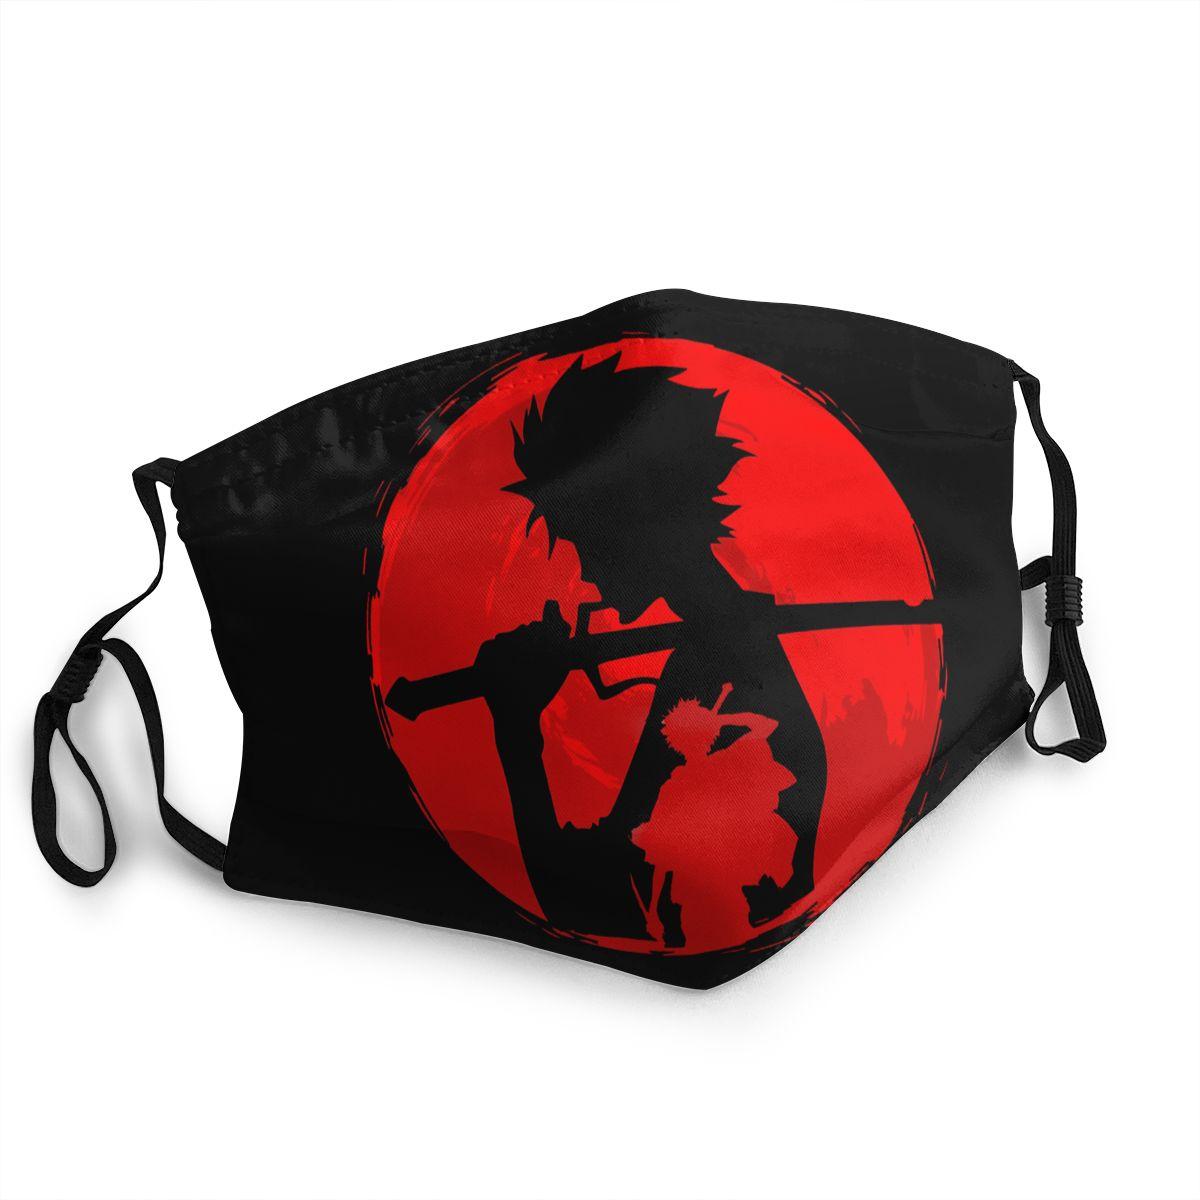 Máscara con diseño artístico, divertida, de Champloo samurái 20 piezas PM2.5 de algodón unisex, mascarilla facial Anti-humo transpirable y lavable con mufla bucal para ciclismo